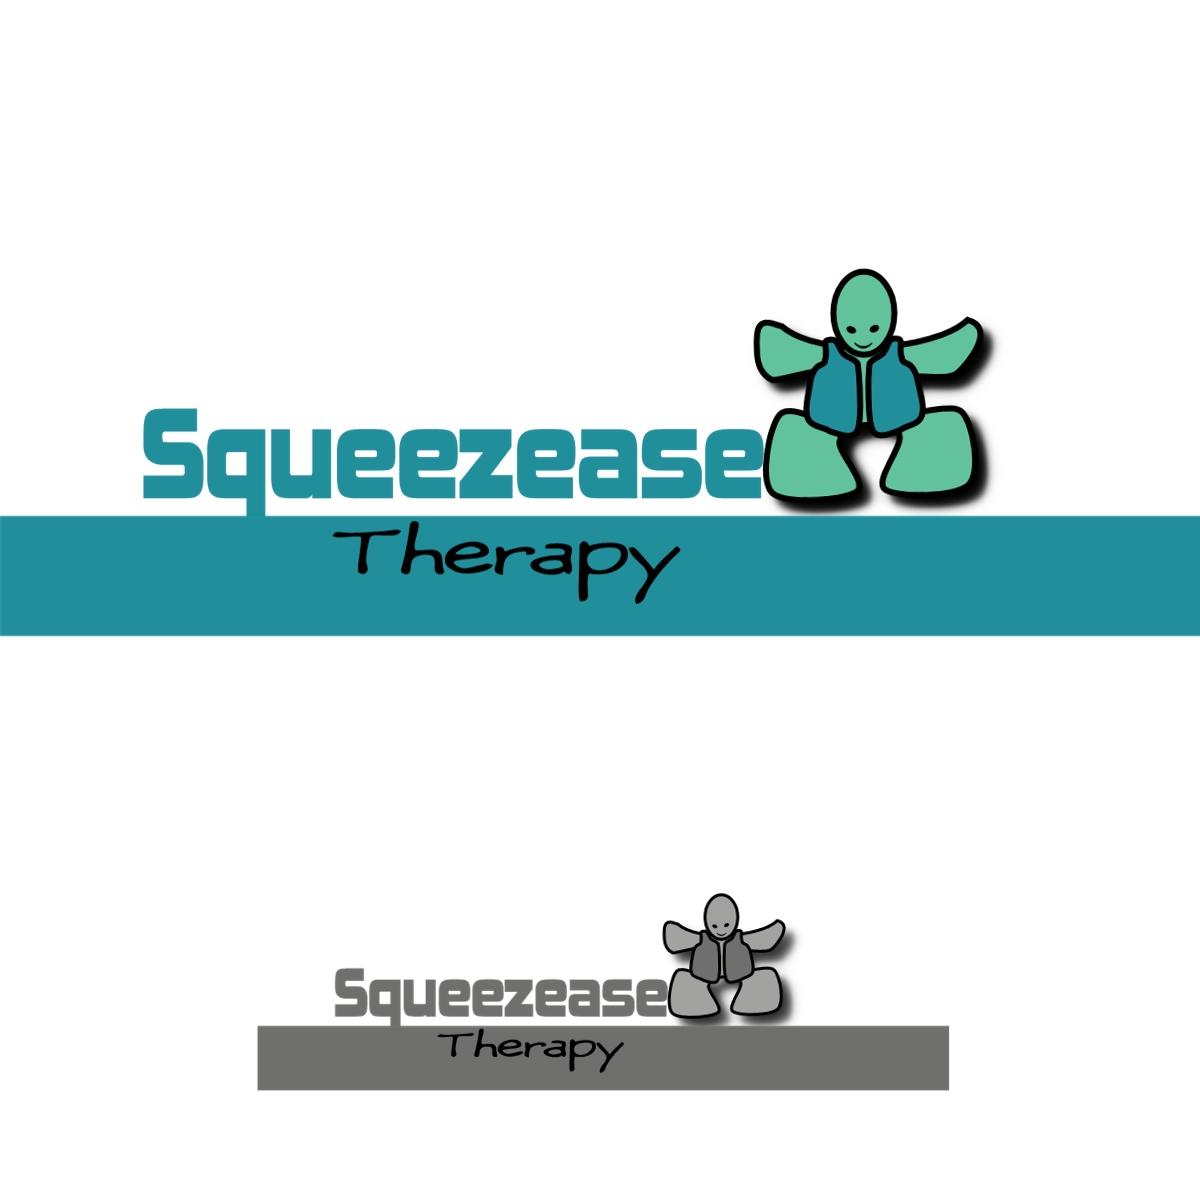 Logo Design by Joseph calunsag Cagaanan - Entry No. 13 in the Logo Design Contest Fun Logo Design for Squeezease Therapy.